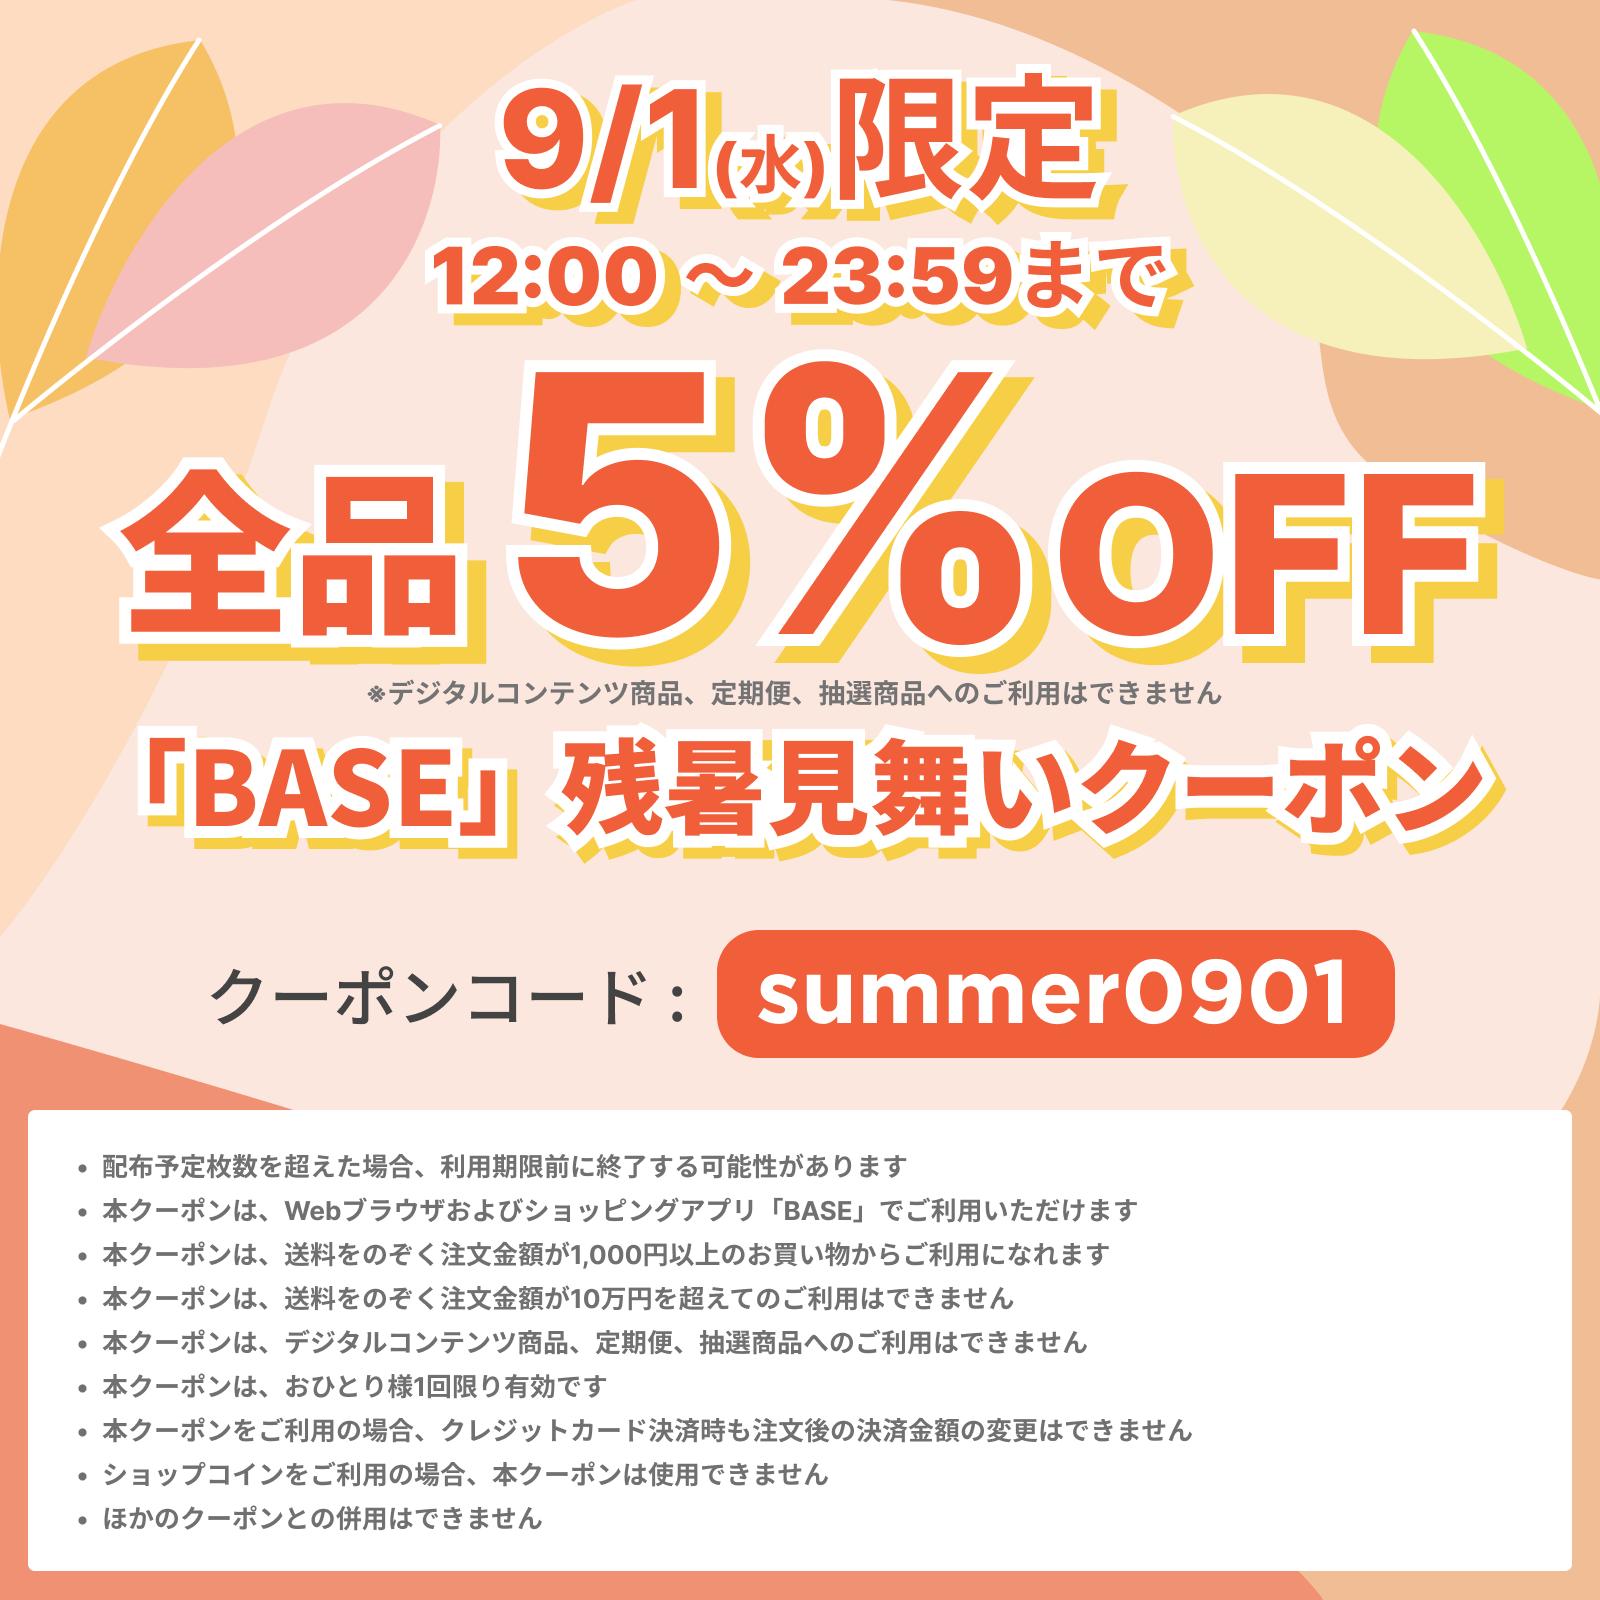 【9/1 12:00~23:59 12時間限定】 「BASE」残暑見舞いクーポンキャンペーン!